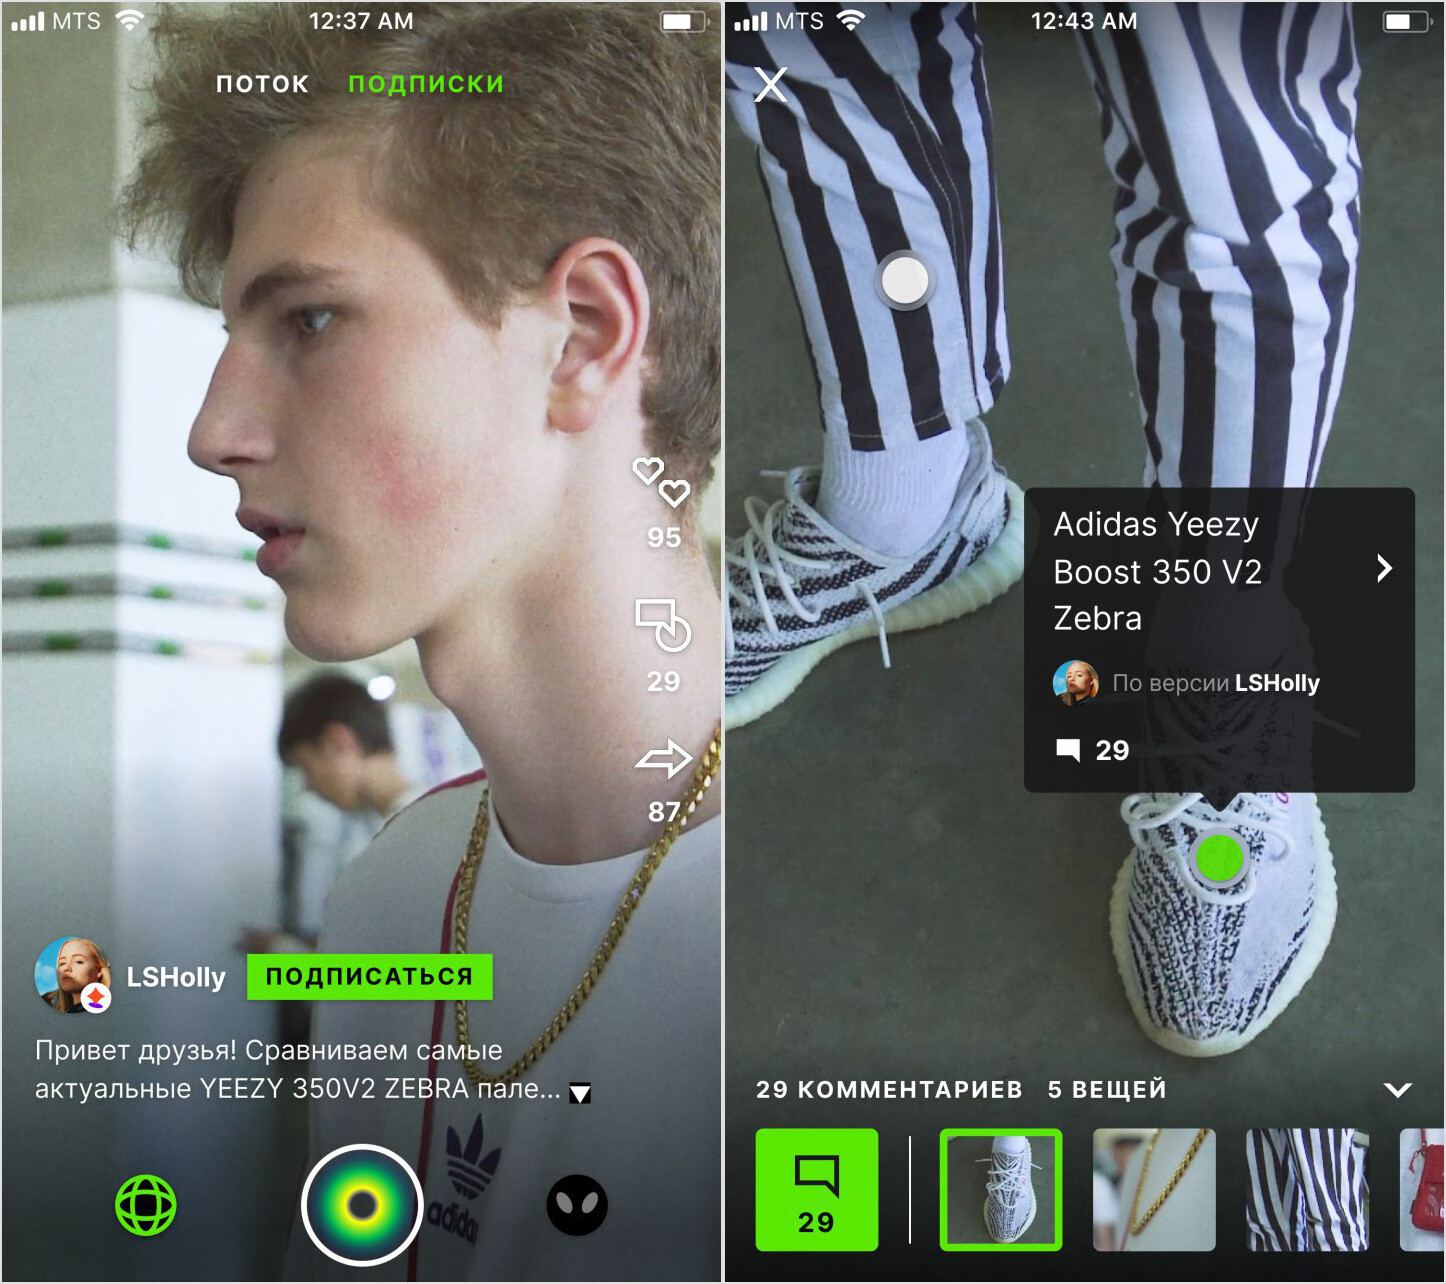 «Яндекс» разработал приложение для распознавания одежды в видео и обсуждения моды Sloy